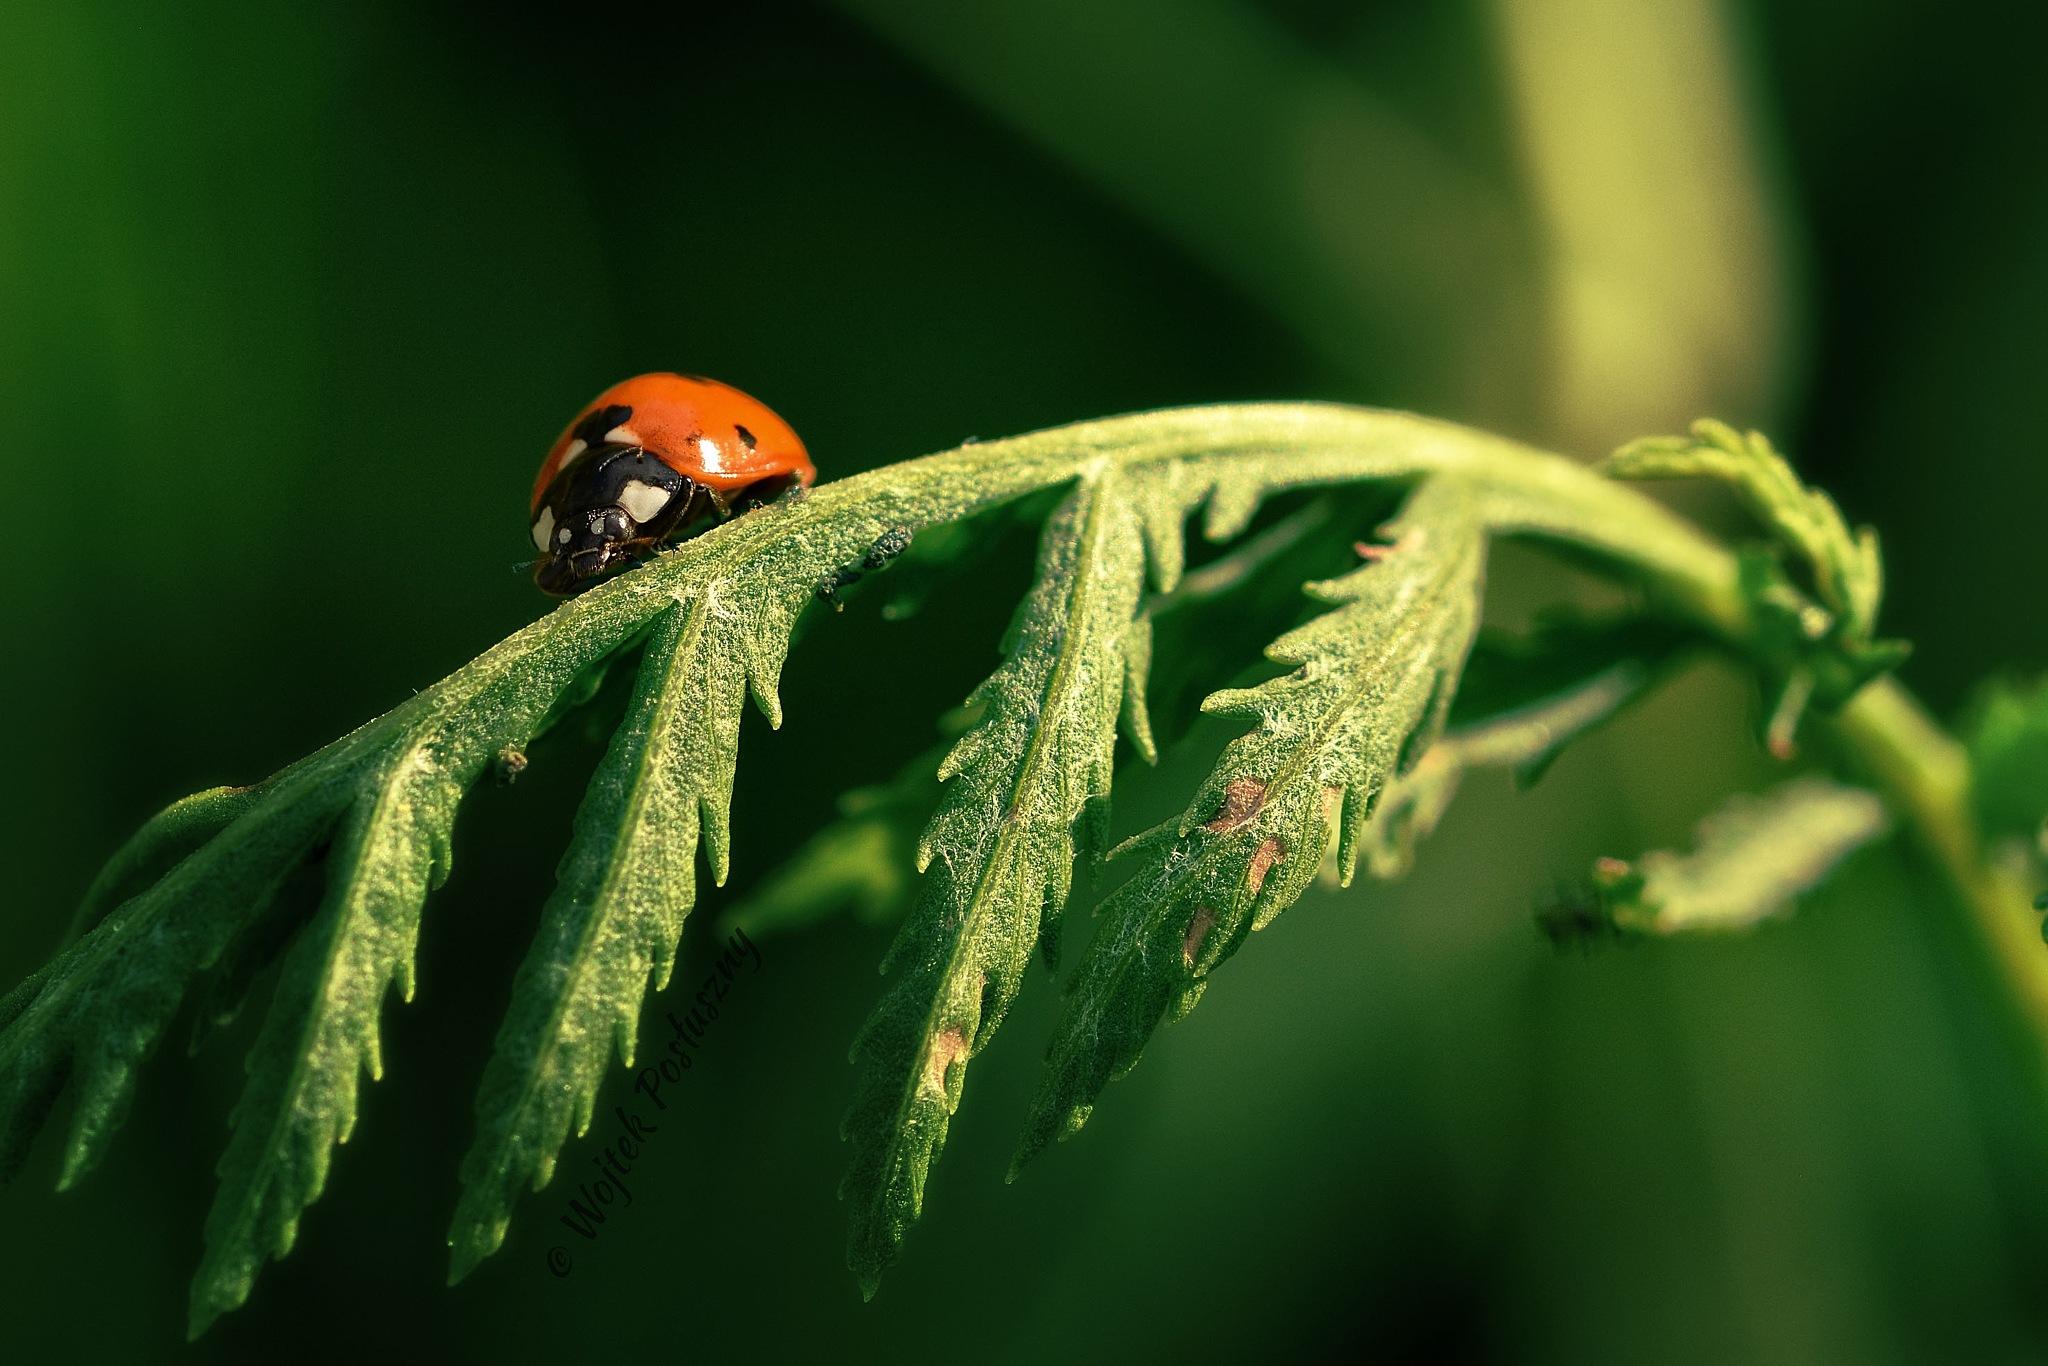 Ladybug by Wojtek Posłuszny